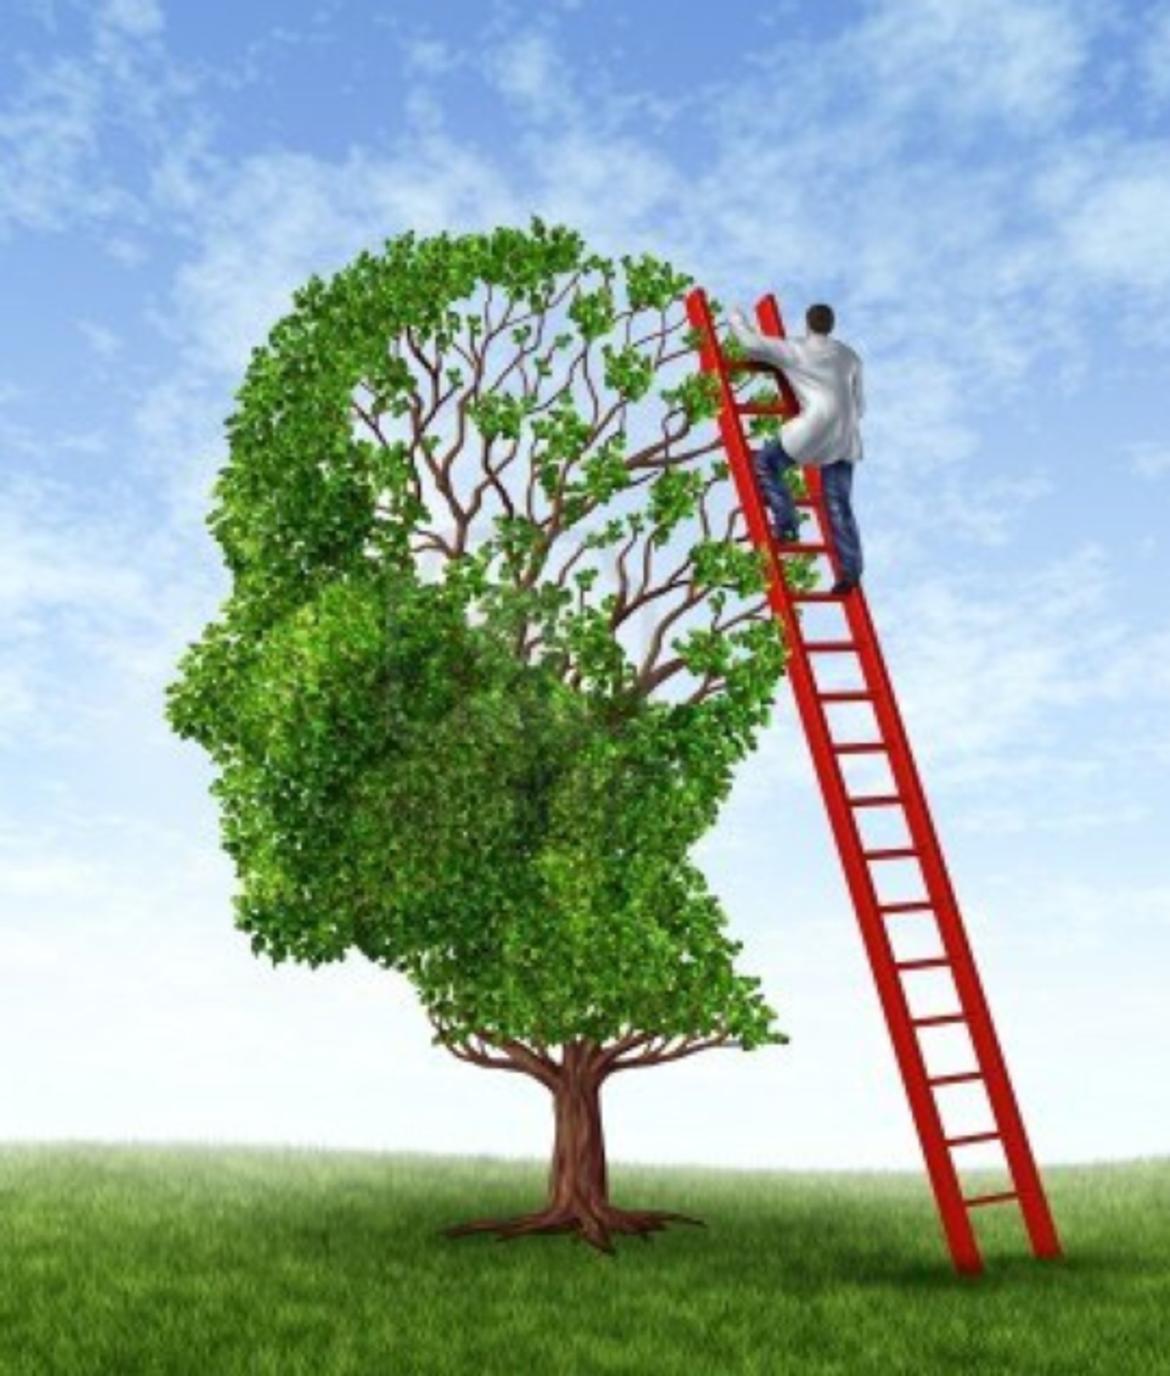 Archetipi psichici, affinità elettive, empatia e superamento del senso di giudizio